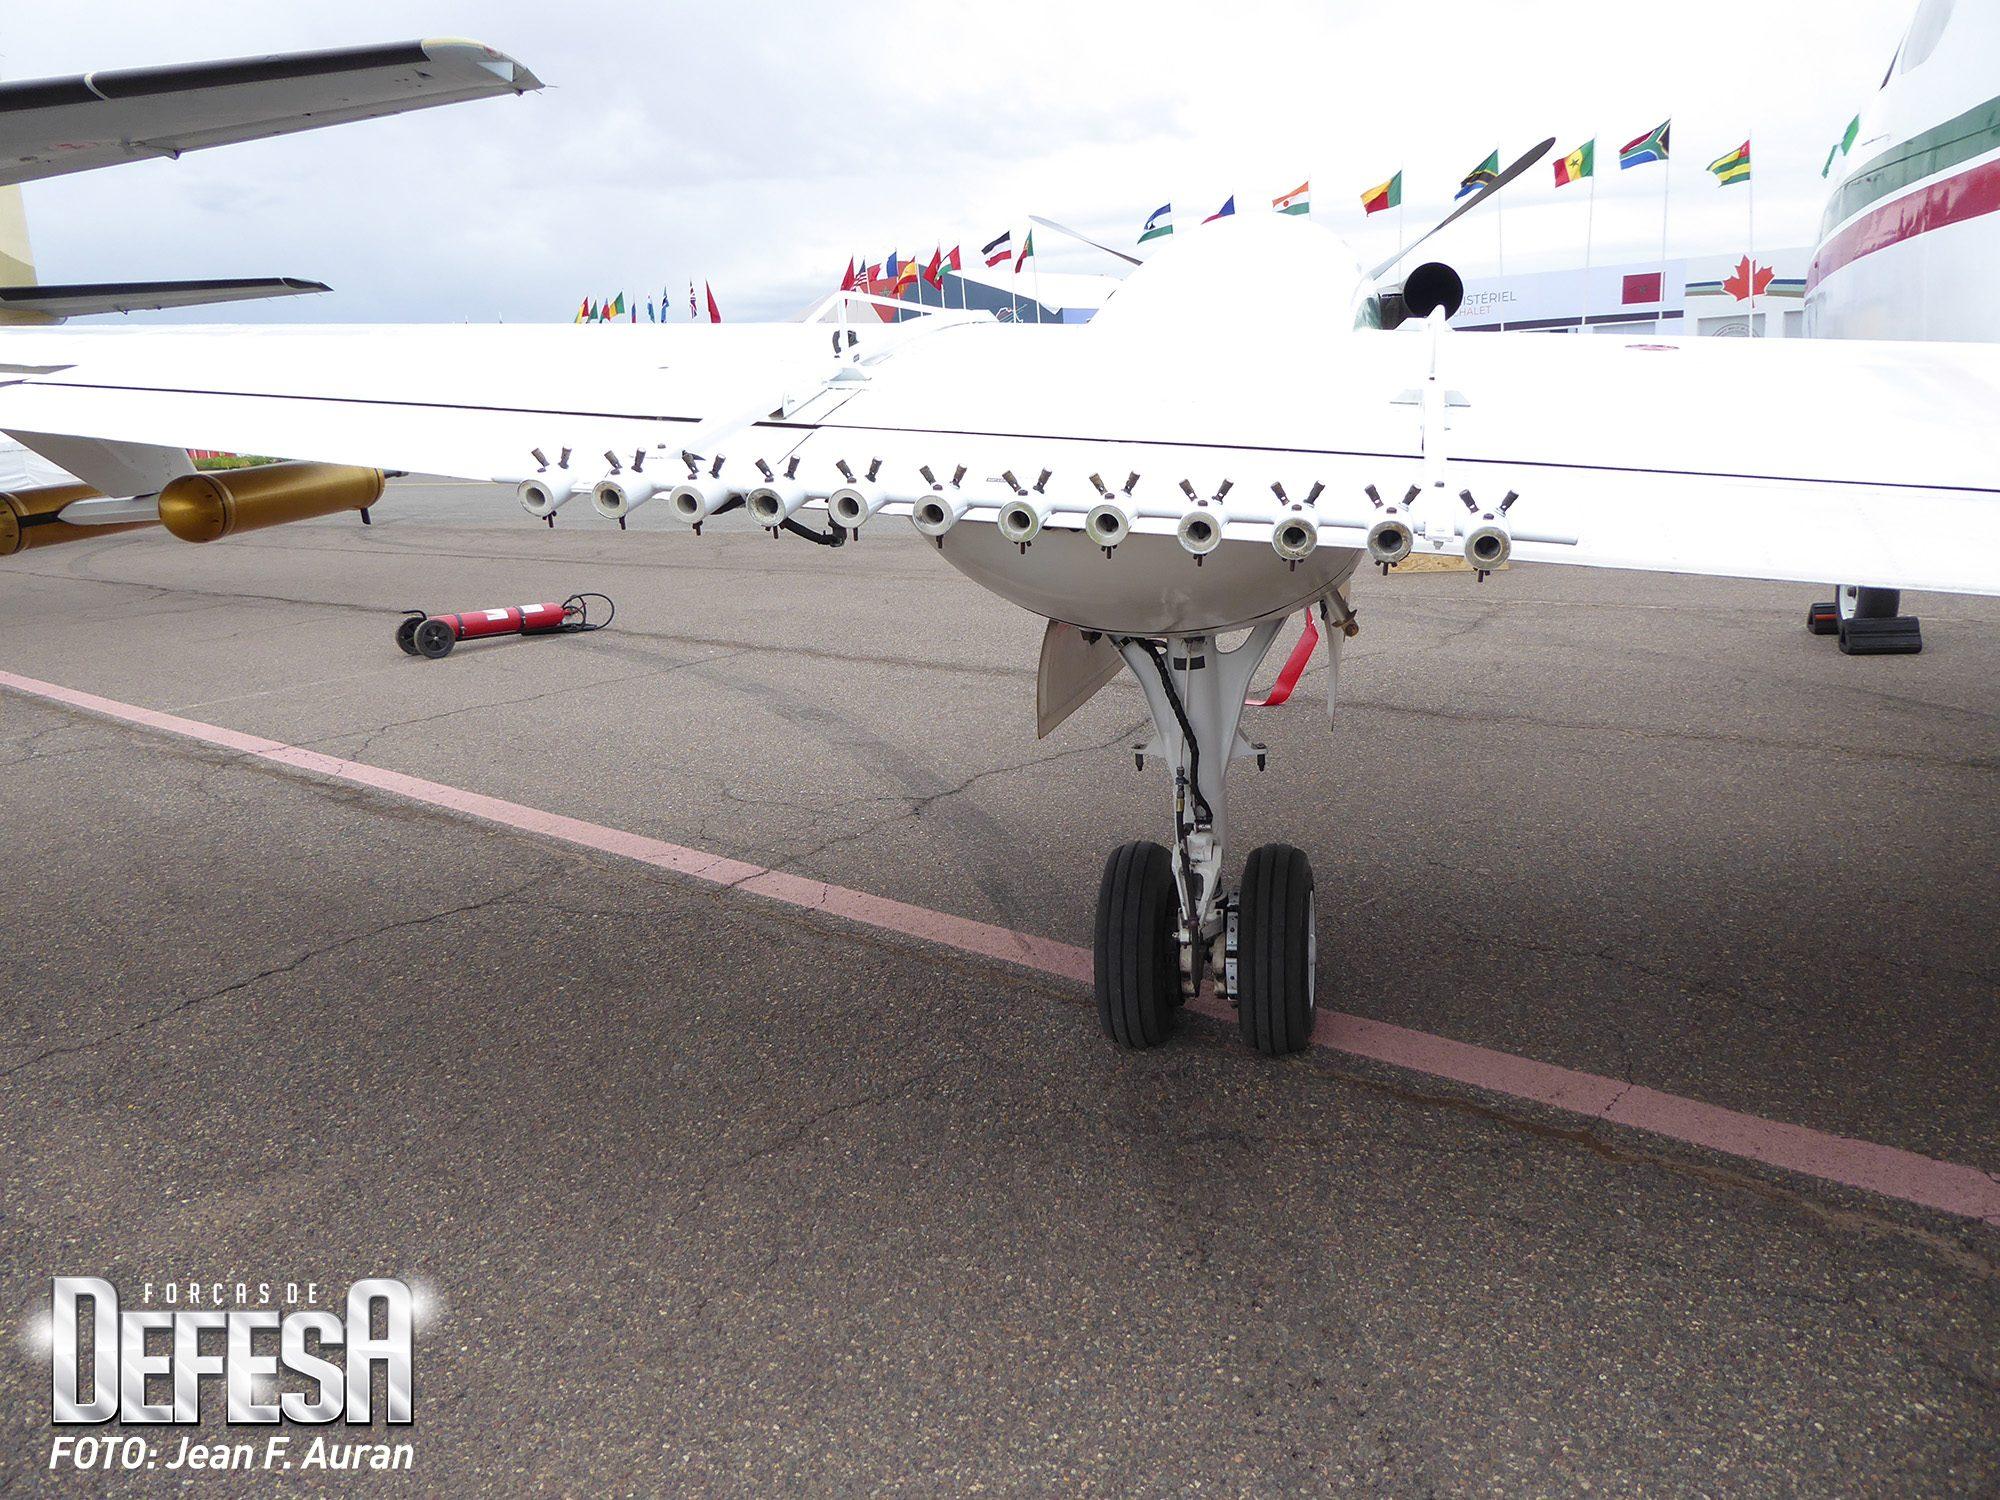 King Air 200 equipado para a semeadura de nuvens com o objetivo de provocar chuvas